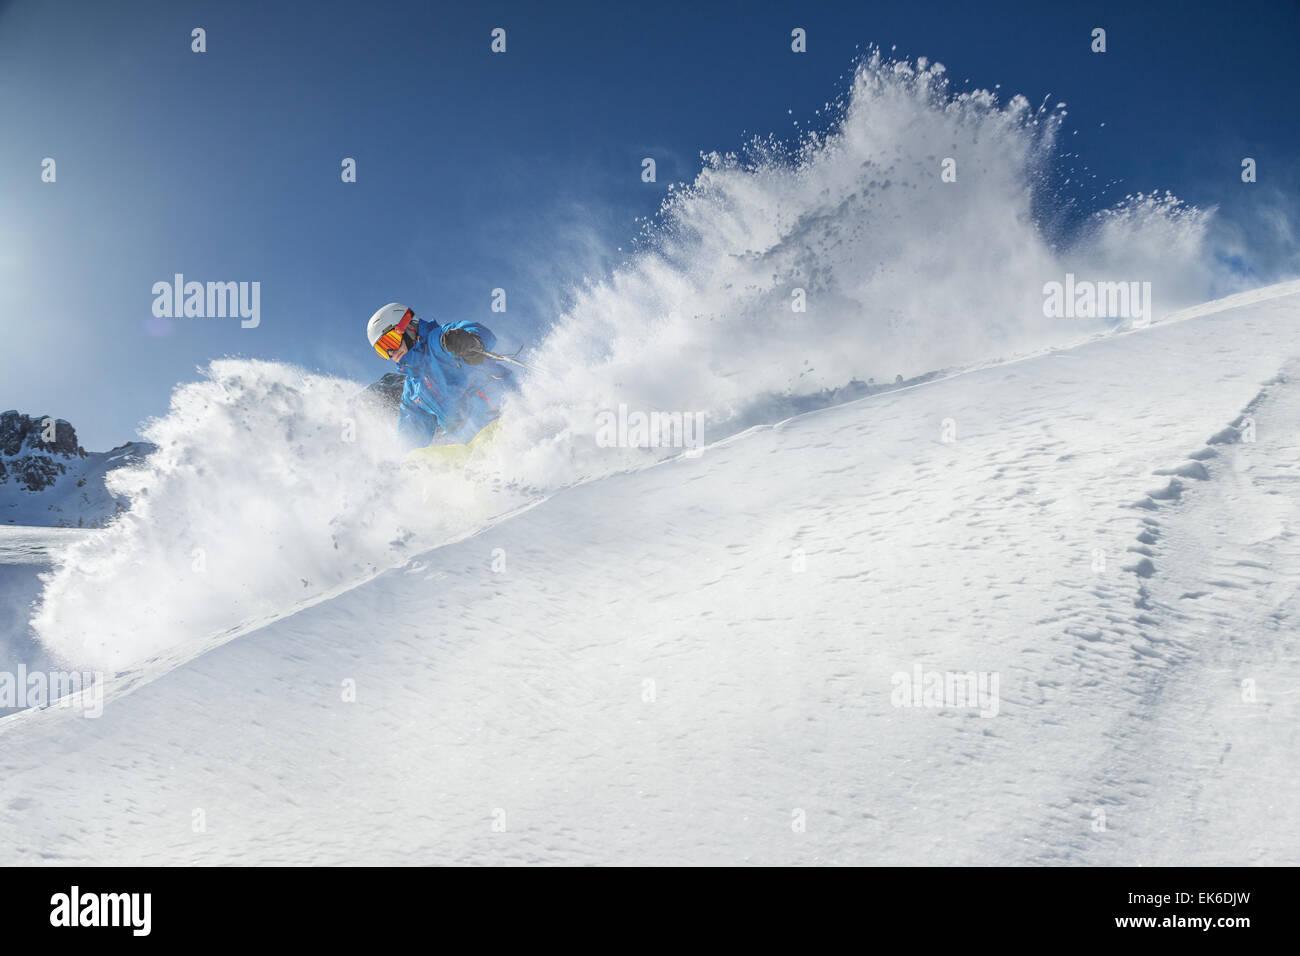 Sciatore in discesa sugli sci in alta montagna durante la giornata di sole. Immagini Stock